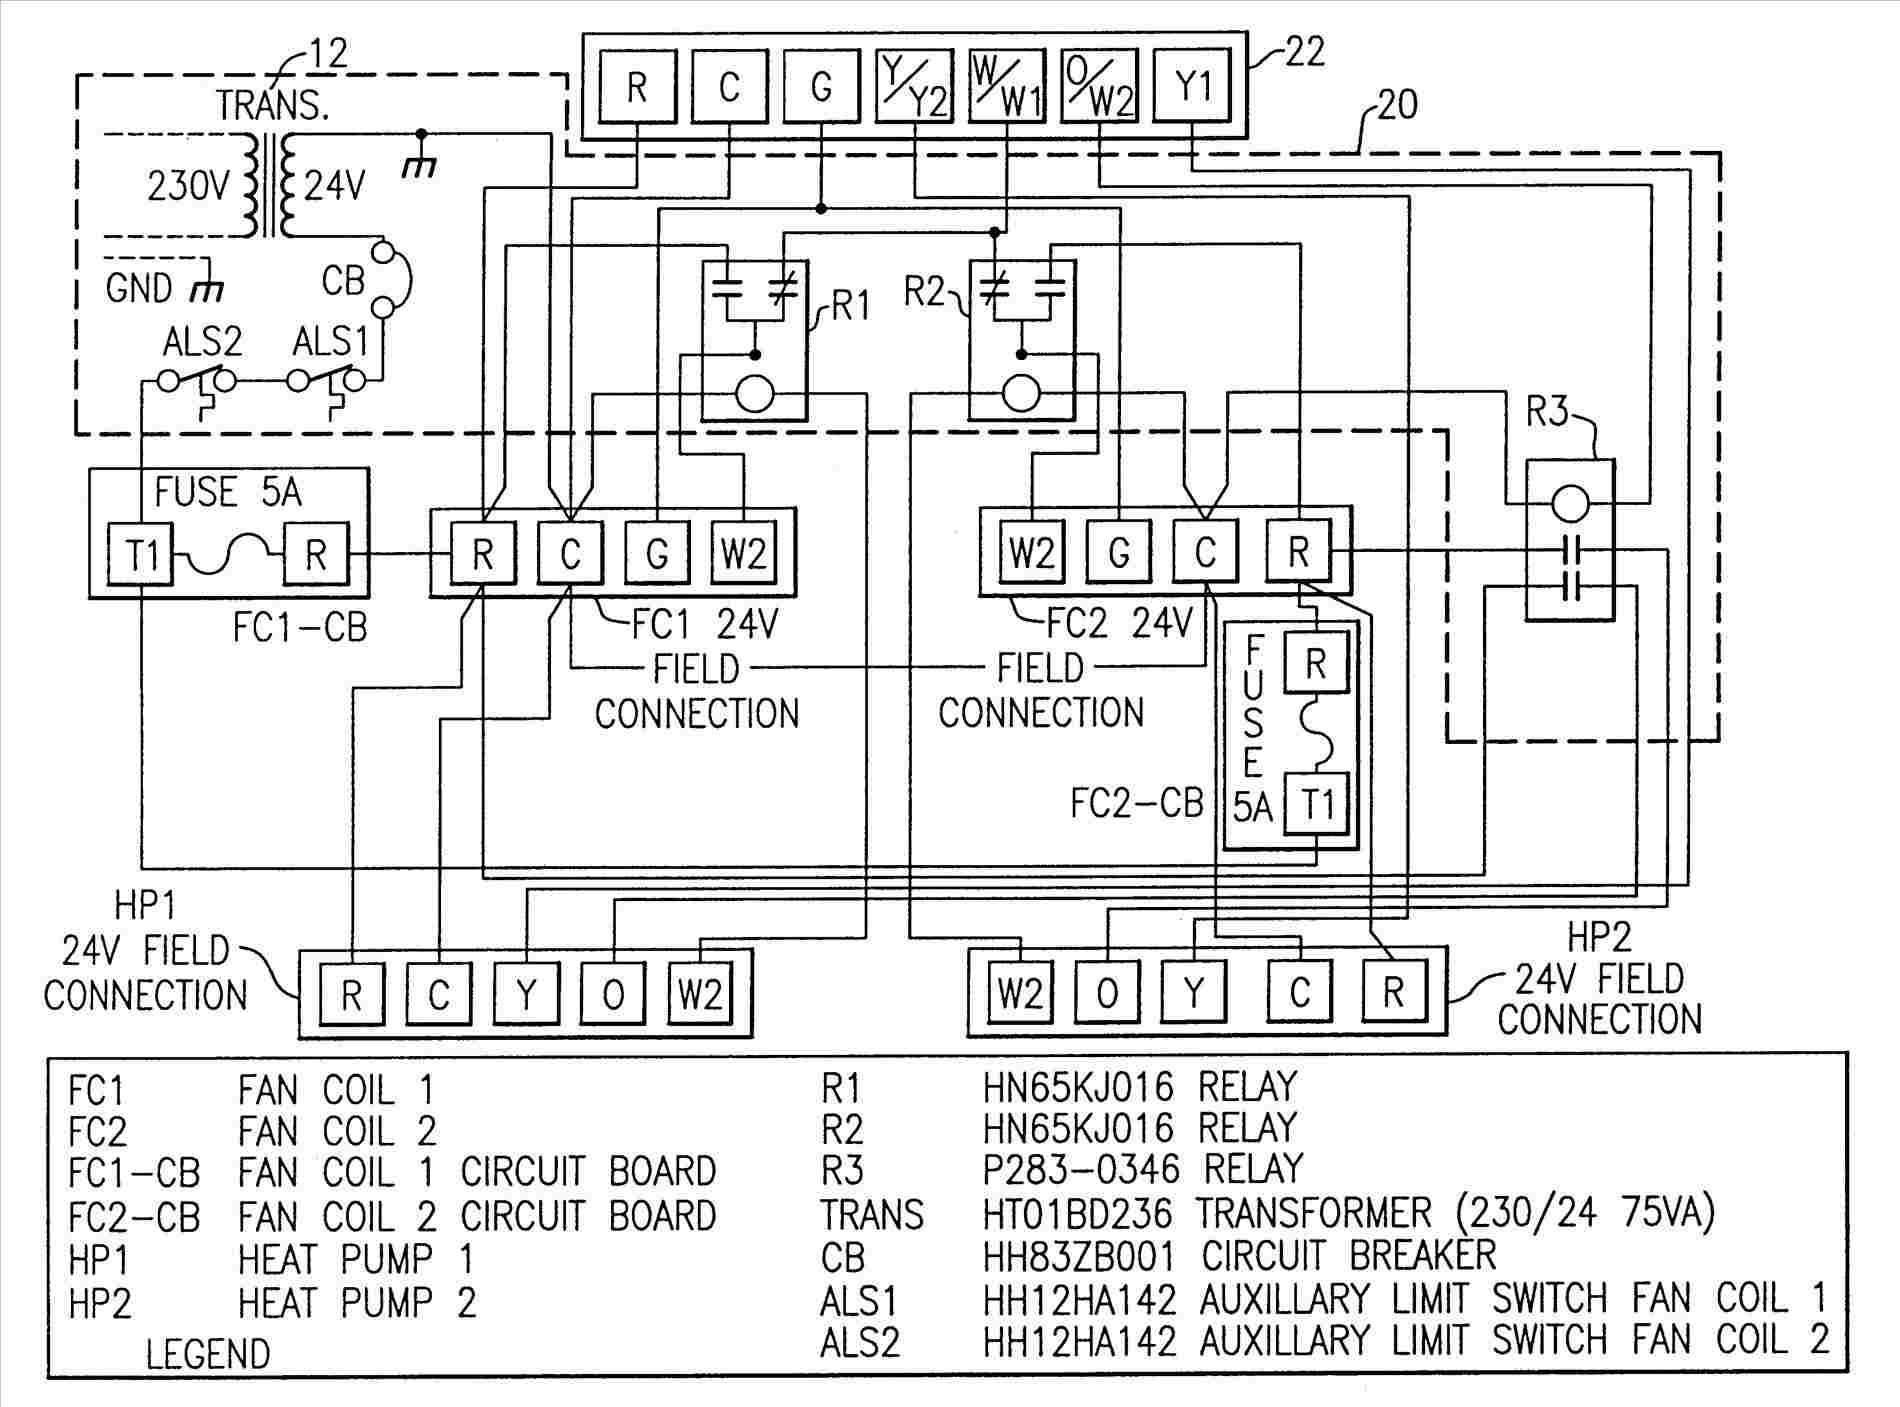 Singer Electric Furnace Wiring Diagram - Wiring Diagram Schema - Gas Furnace Wiring Diagram